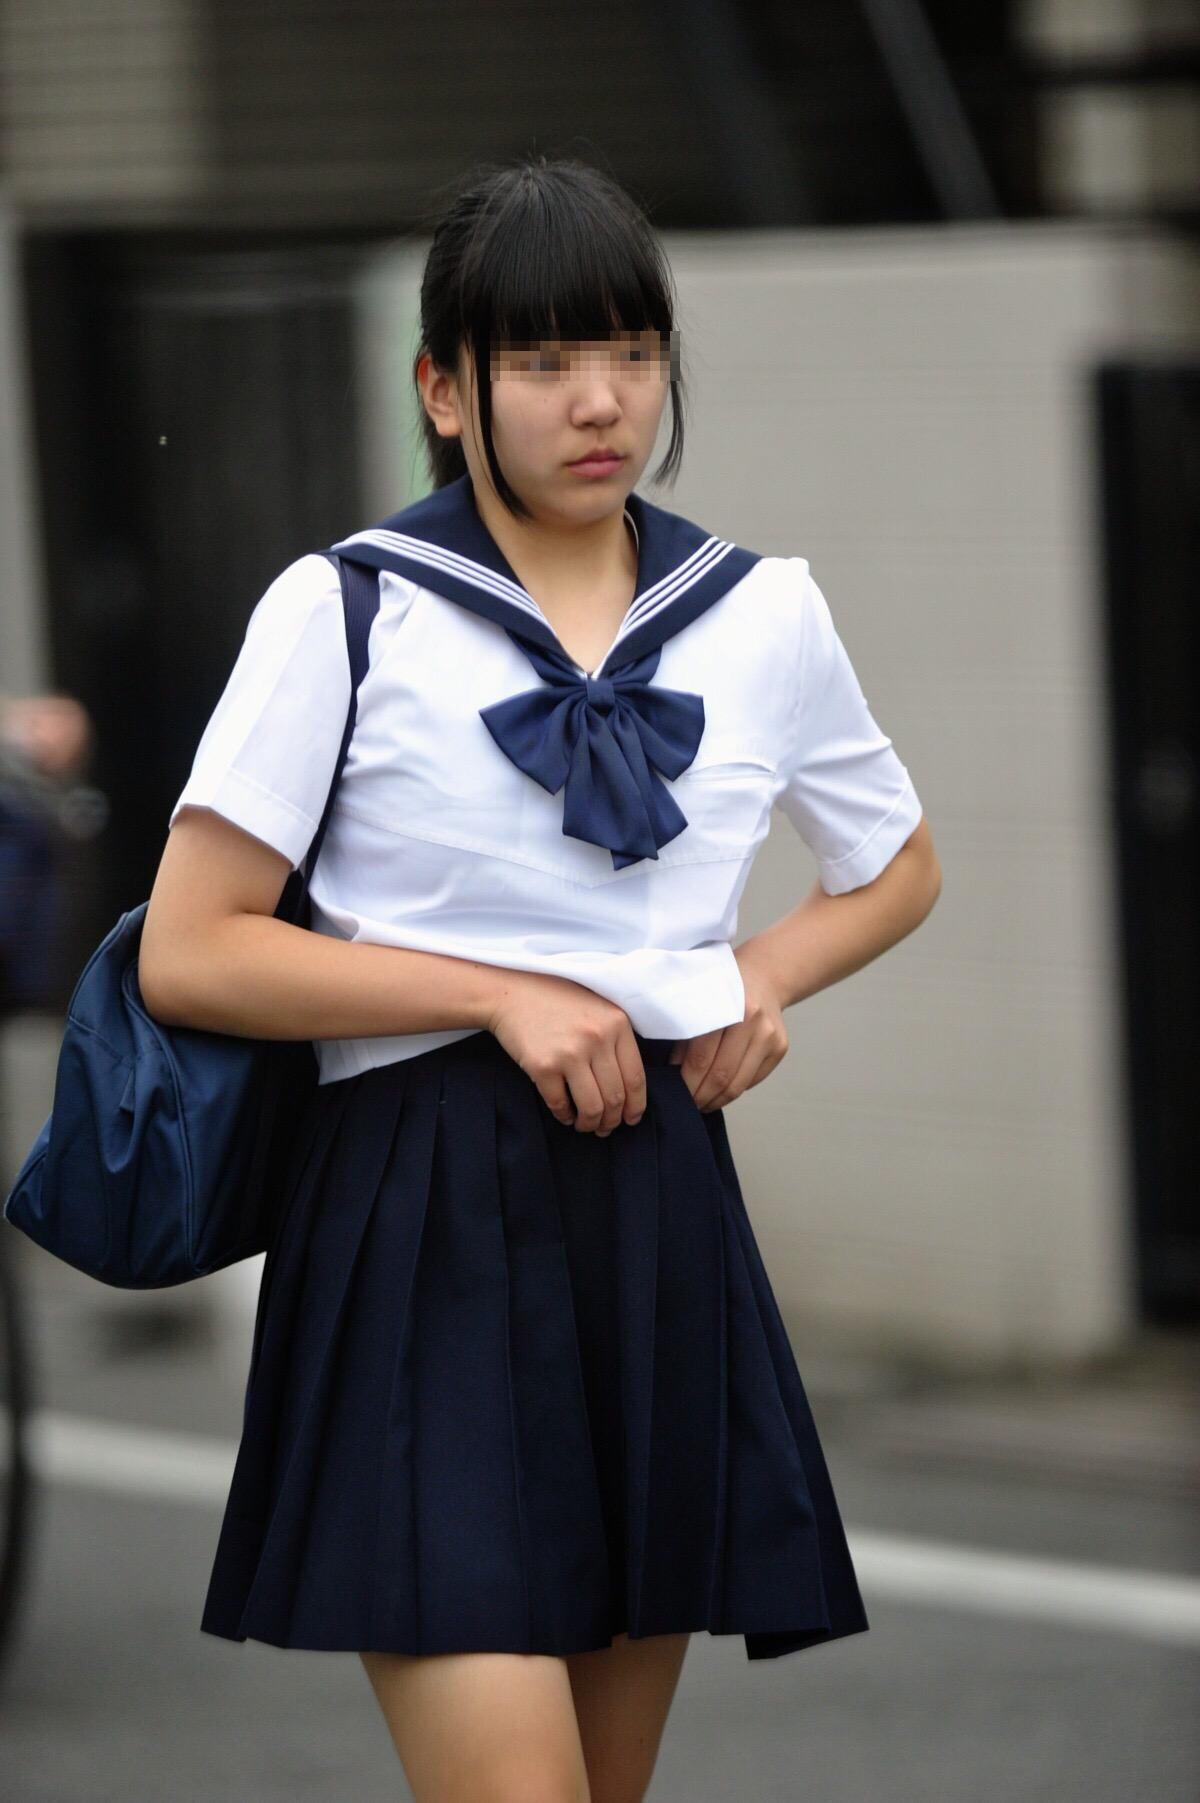 こんなJK達と手を繋いで通学する青春を送りたかった陰キャの妄想街撮り画像wwwwwwww nAvJoxz